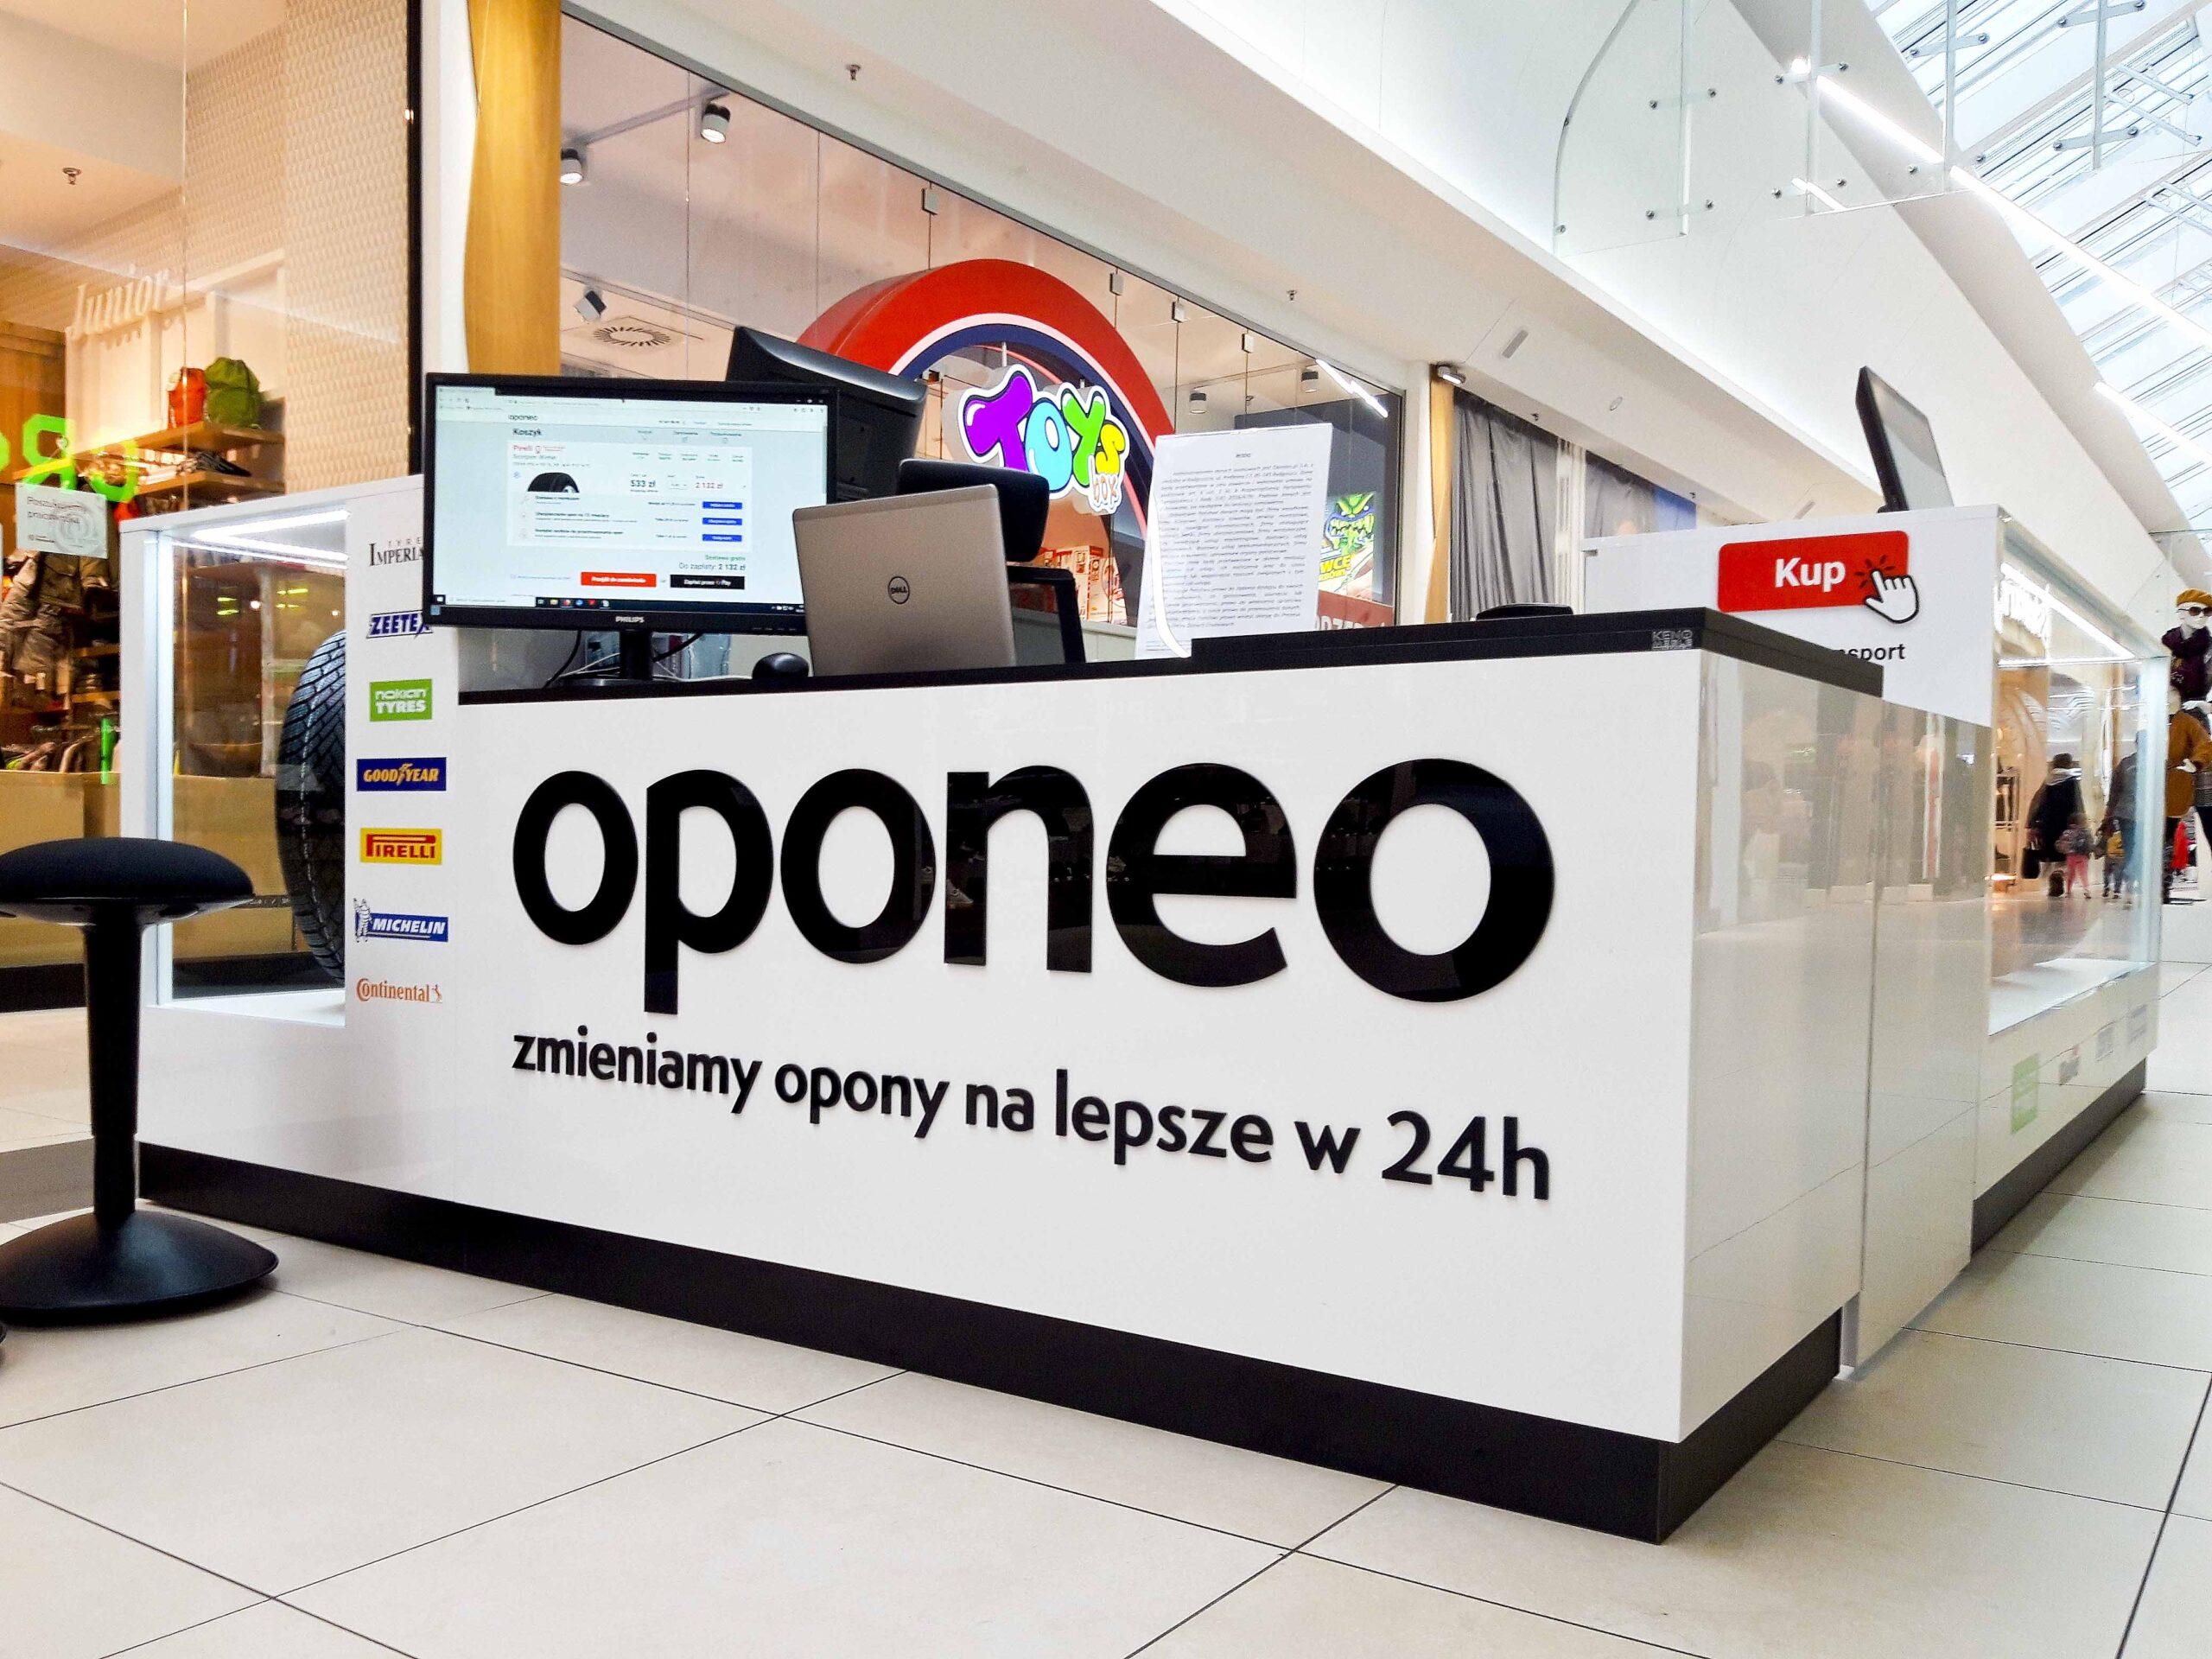 logoi z pleksi szyldy reklamowe kasetony napisy z plexi producent Bydgoszcz firma Białe Błota Formedia_5